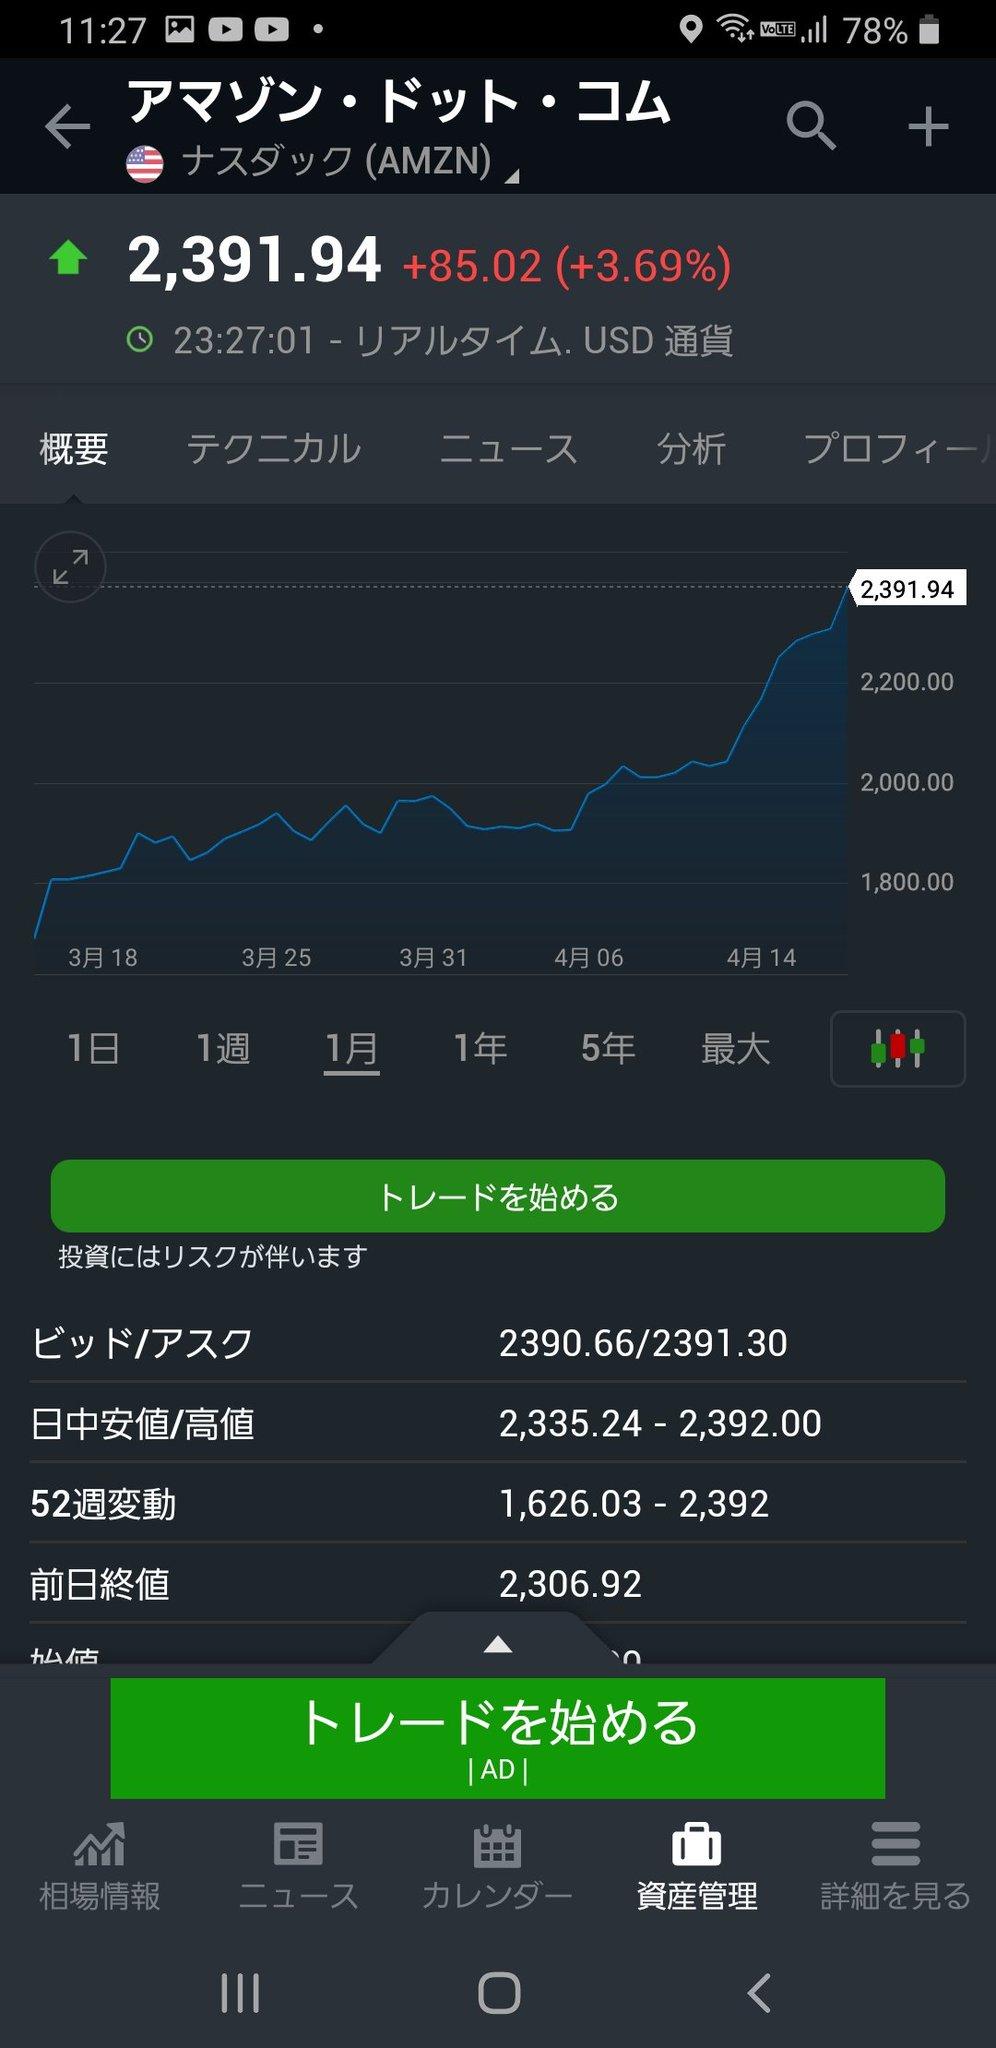 リアルタイム アマゾン株価